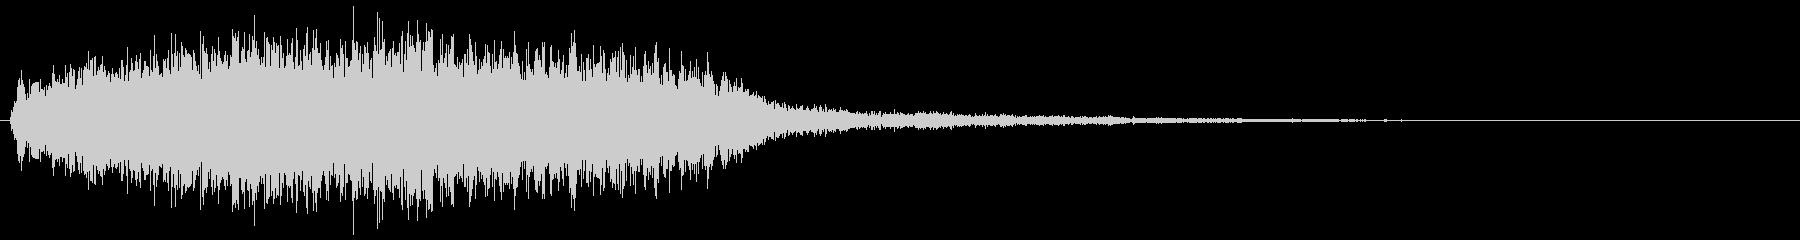 タイトルバック ホラー 16の未再生の波形